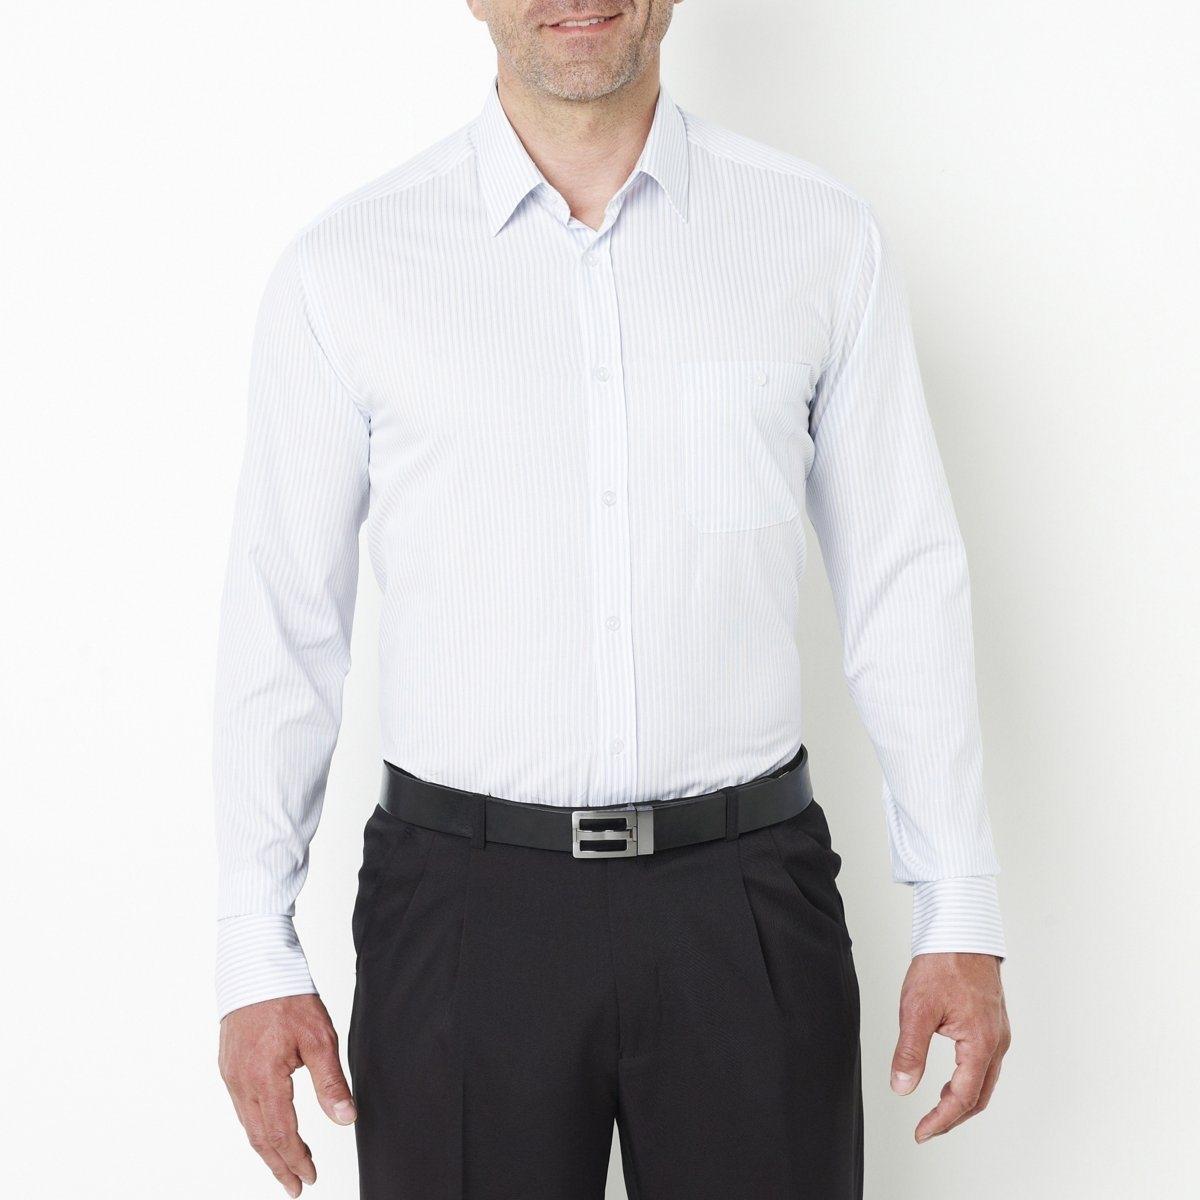 Рубашка, рост 2Товар из коллекции больших размеров. Красивый поплин, 100% хлопка. Складка сзади. Длинные рукава. Рост 2: на рост от 177 до 187 см. Длина 83 см. Длина рукавов 65 см. См.таблицу размеров Taillissime.<br><br>Цвет: в клетку малиновый,в полоску белый/синий<br>Размер: 41/42.55/56.53/54